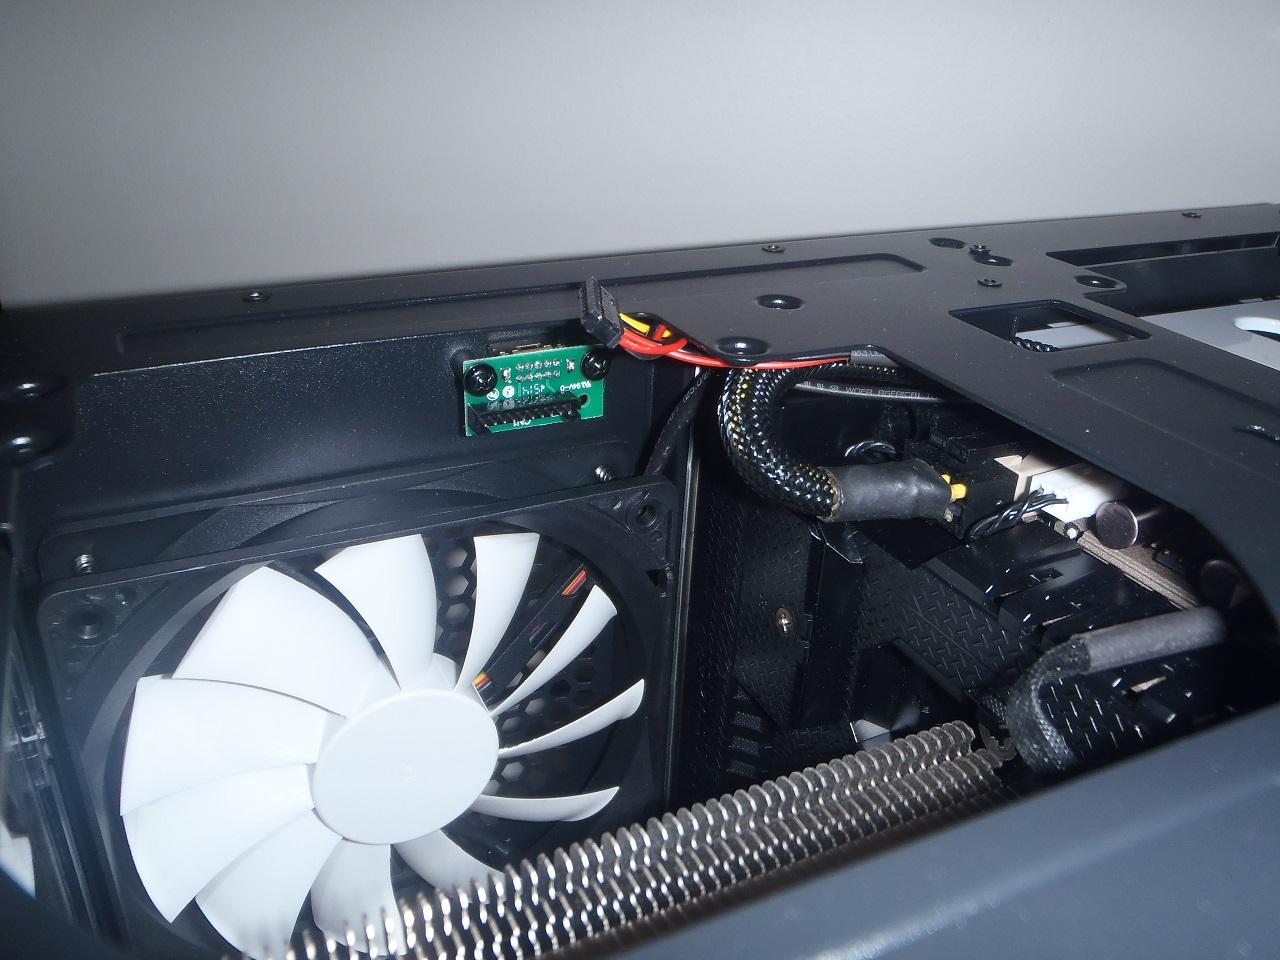 node804 controller